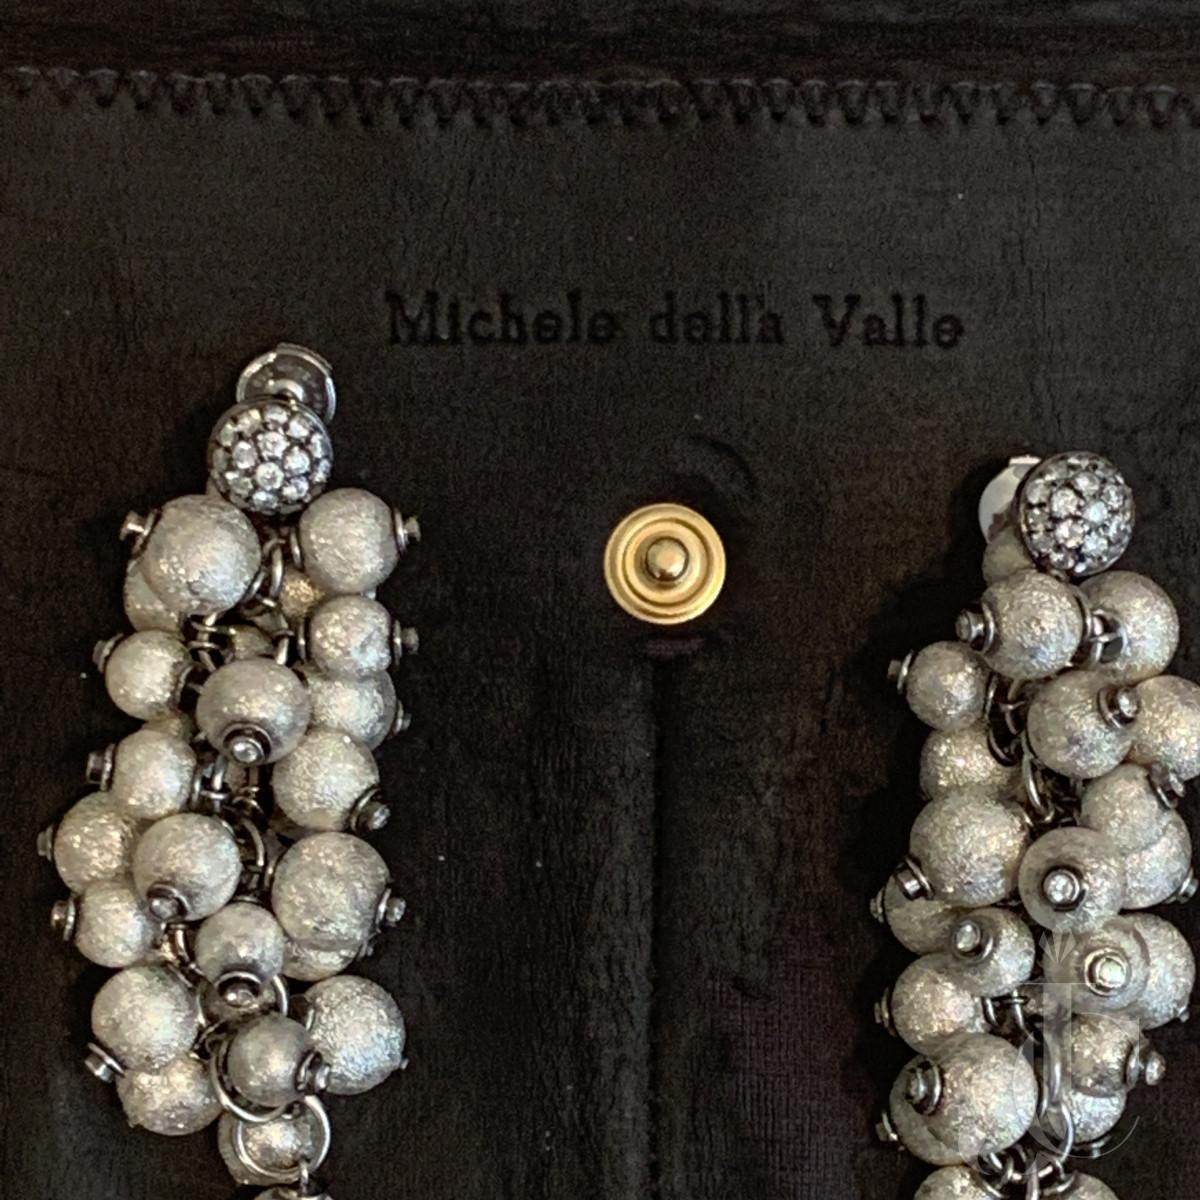 Michele Della Valle Earrings